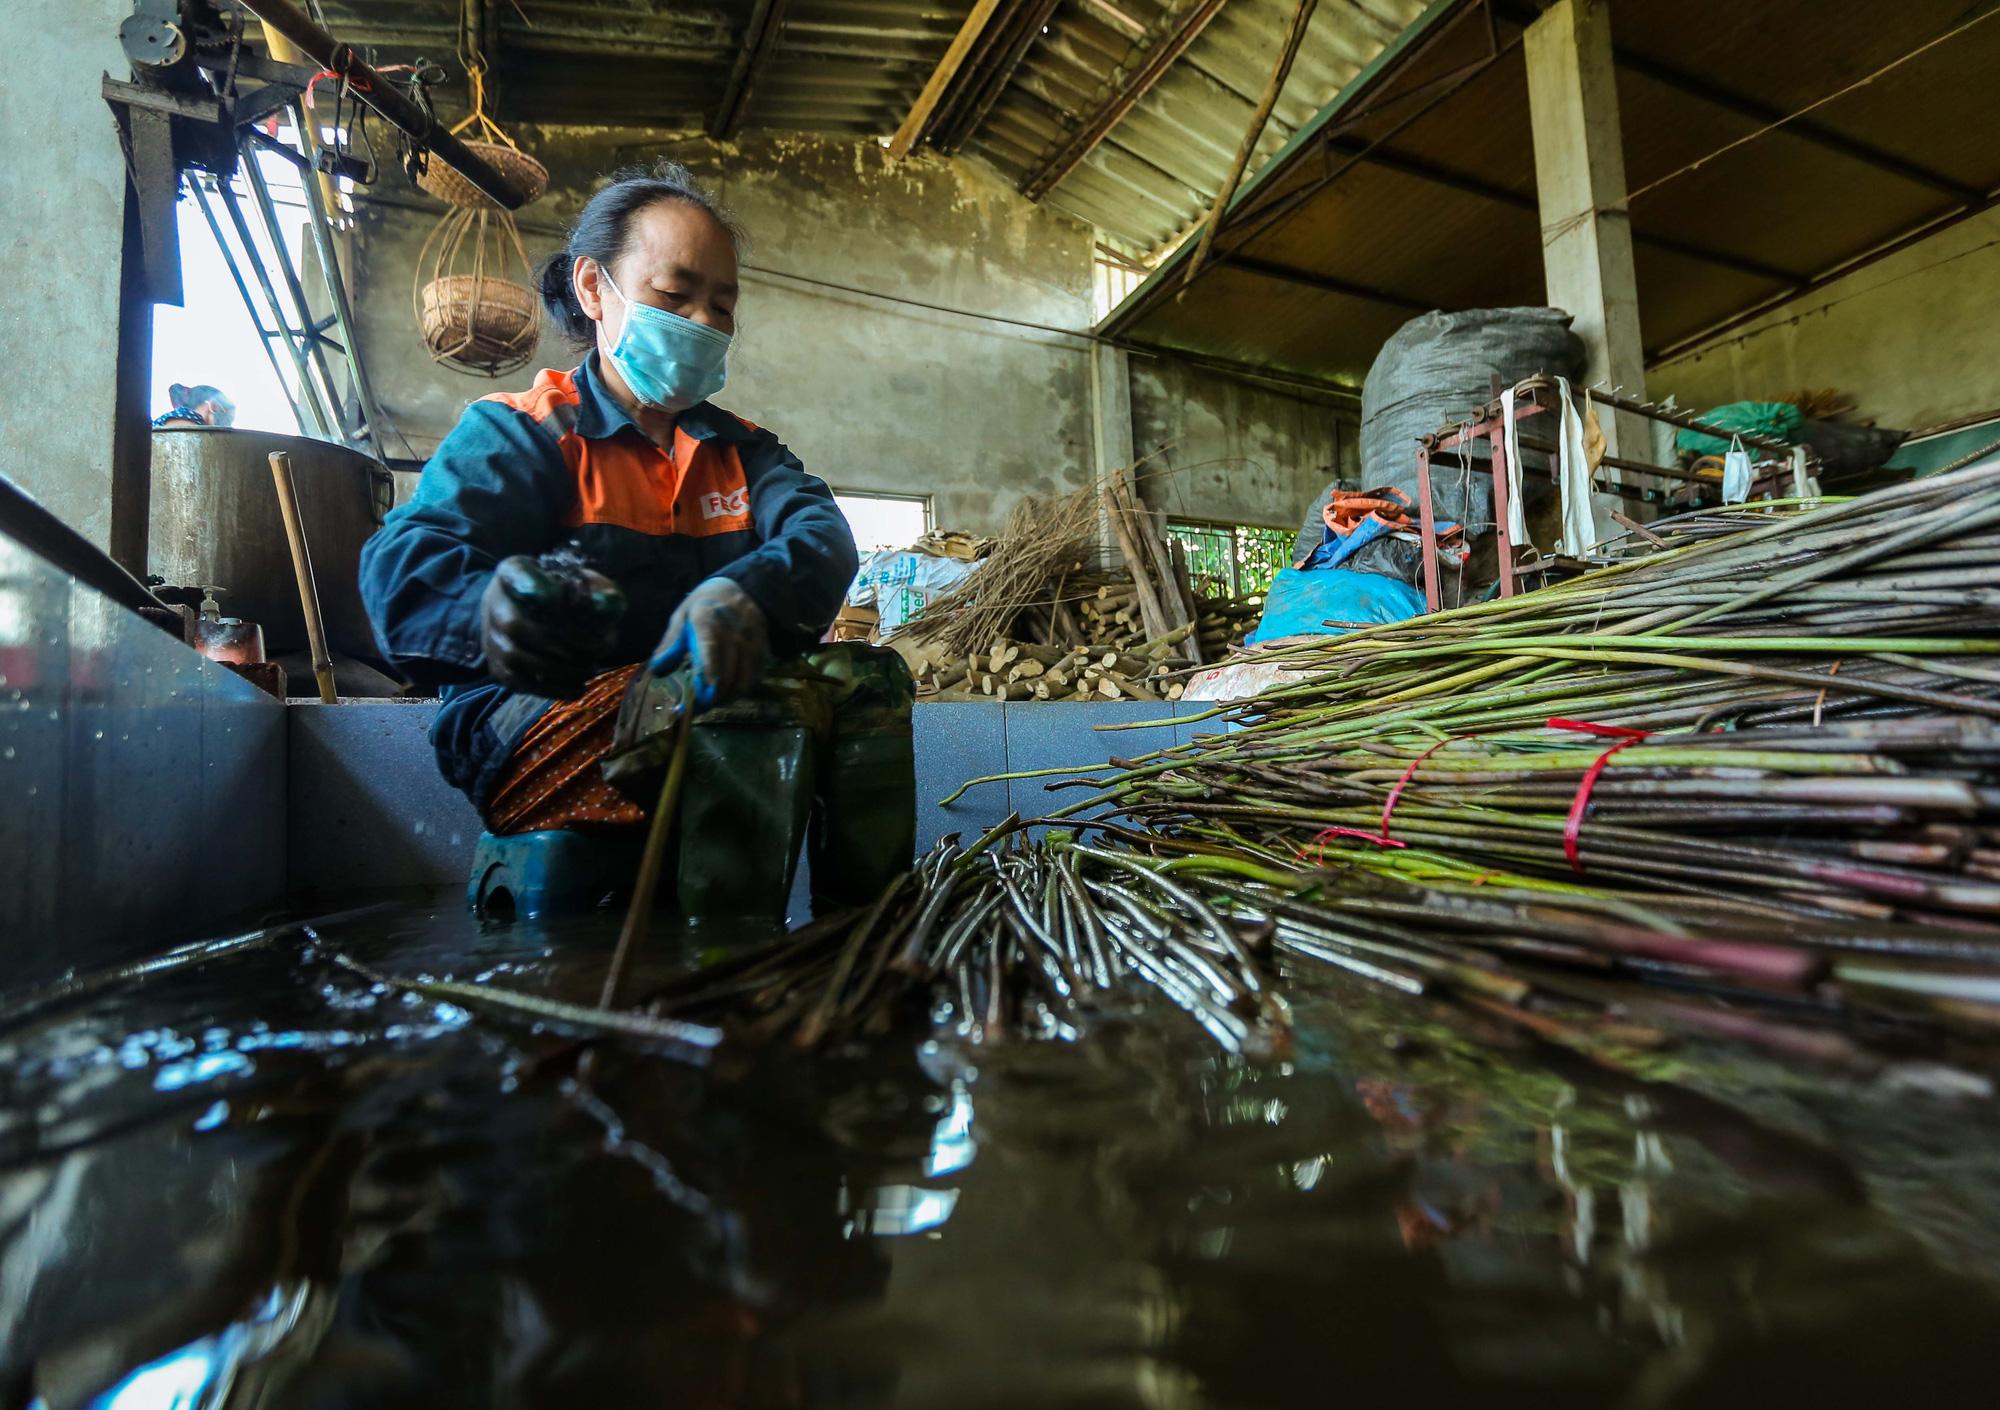 Chiêm ngưỡng các công đoạn dệt lụa bằng tơ sen độc đáo ở Việt Nam - Ảnh 4.